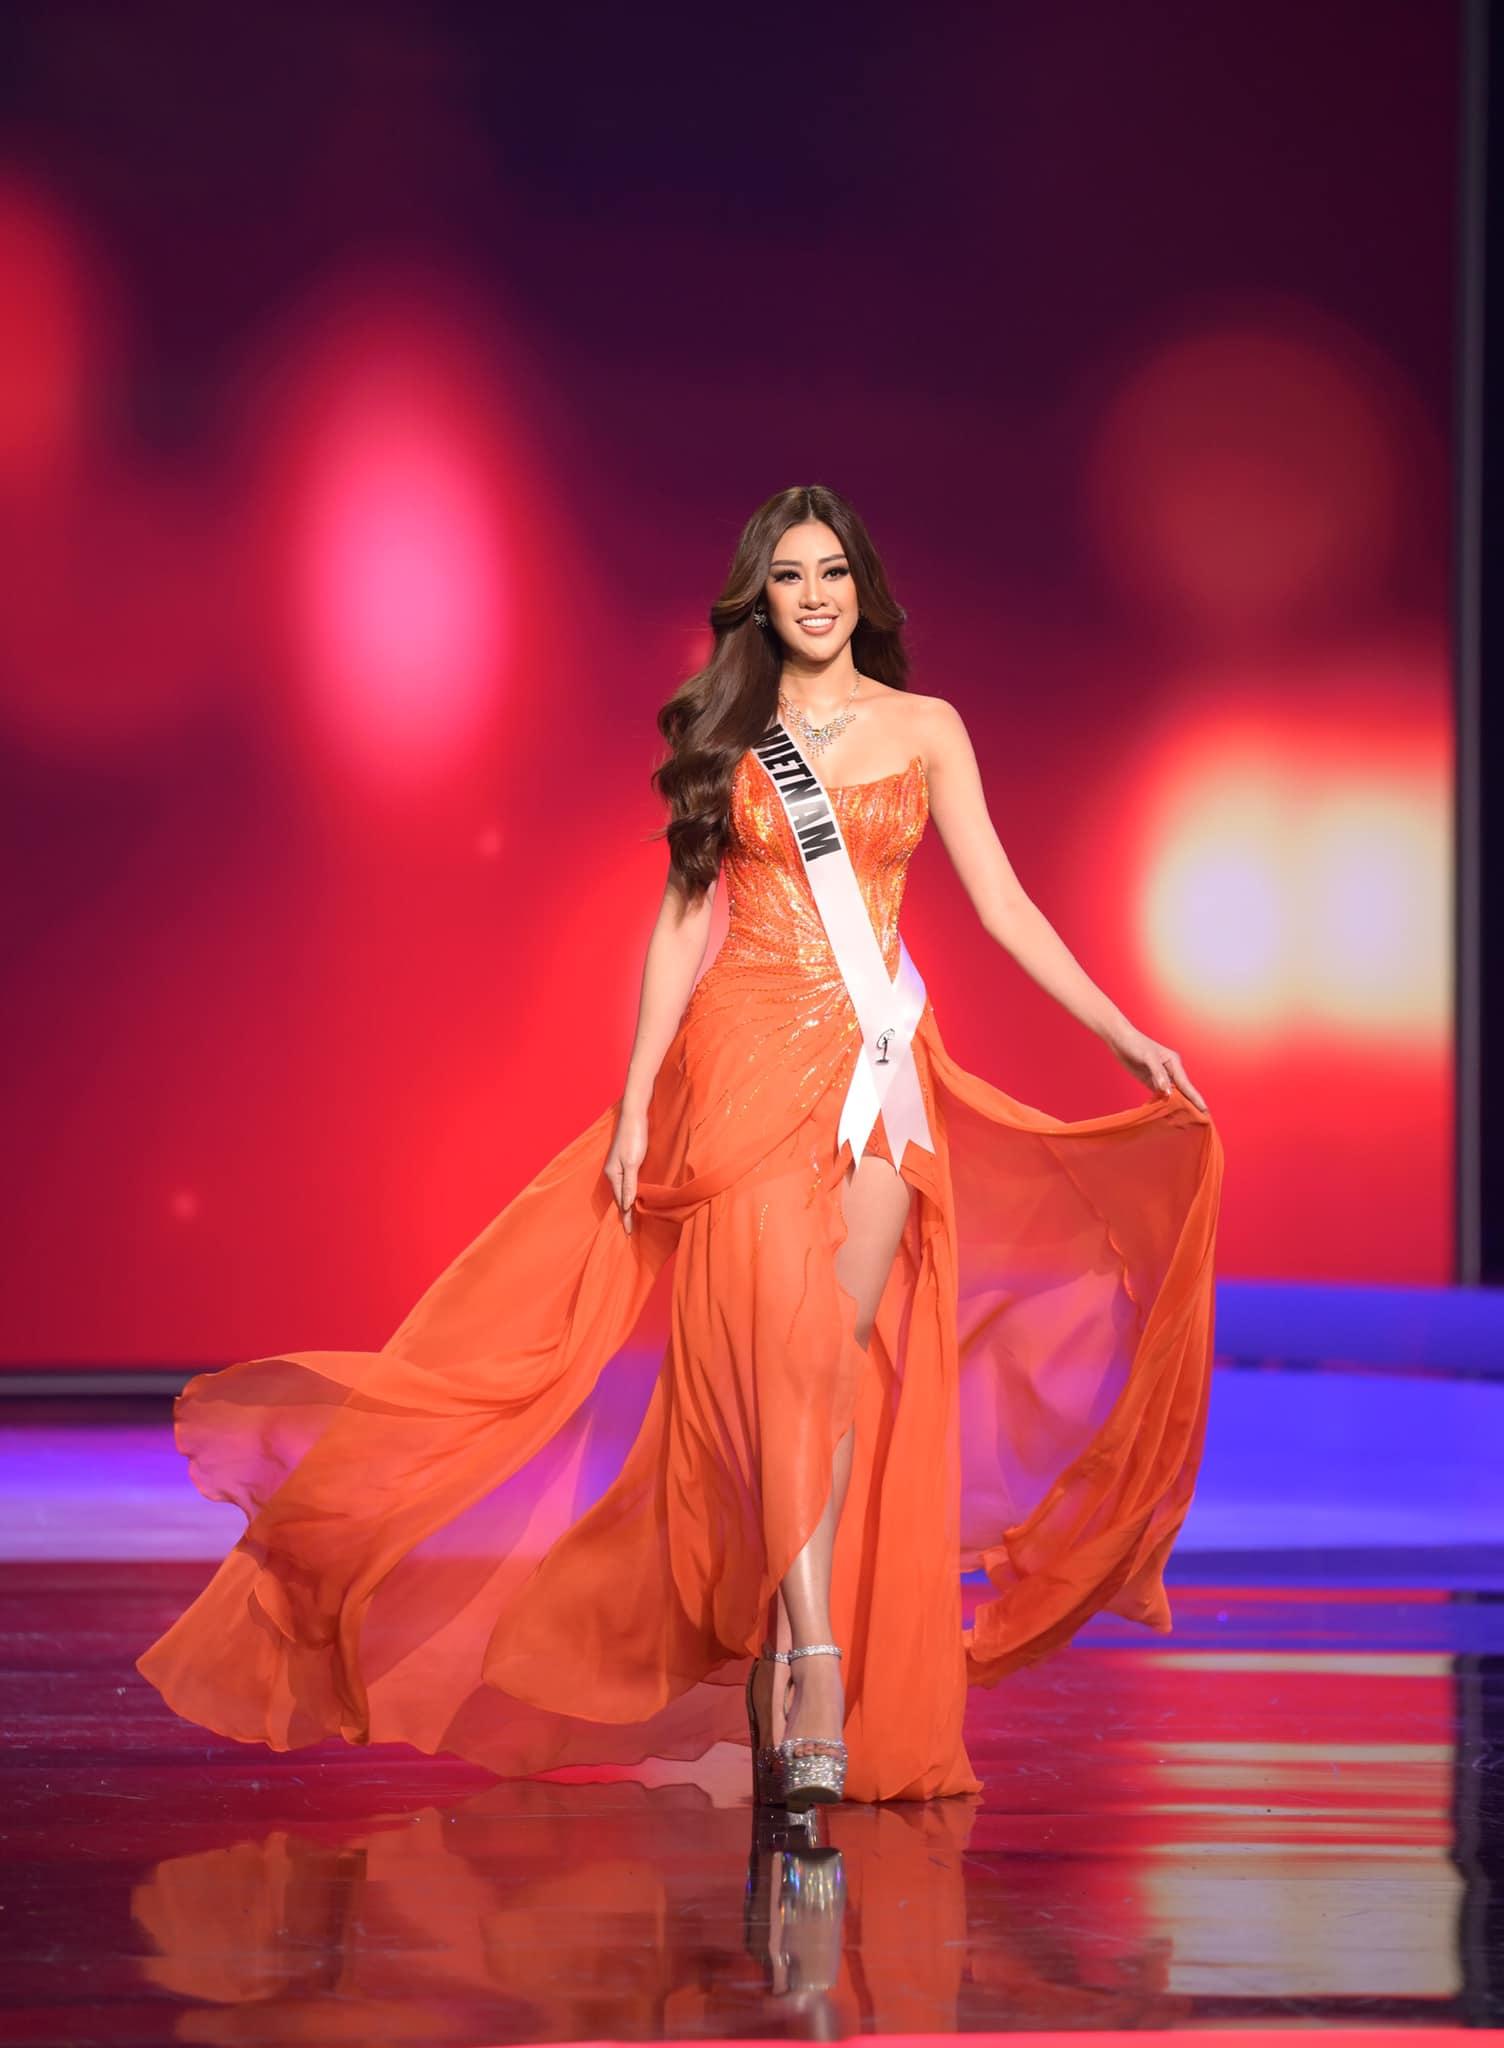 Xúc động tâm thư Khánh Vân viết ngay trước giờ G Chung kết Miss Universe - Ảnh 1.